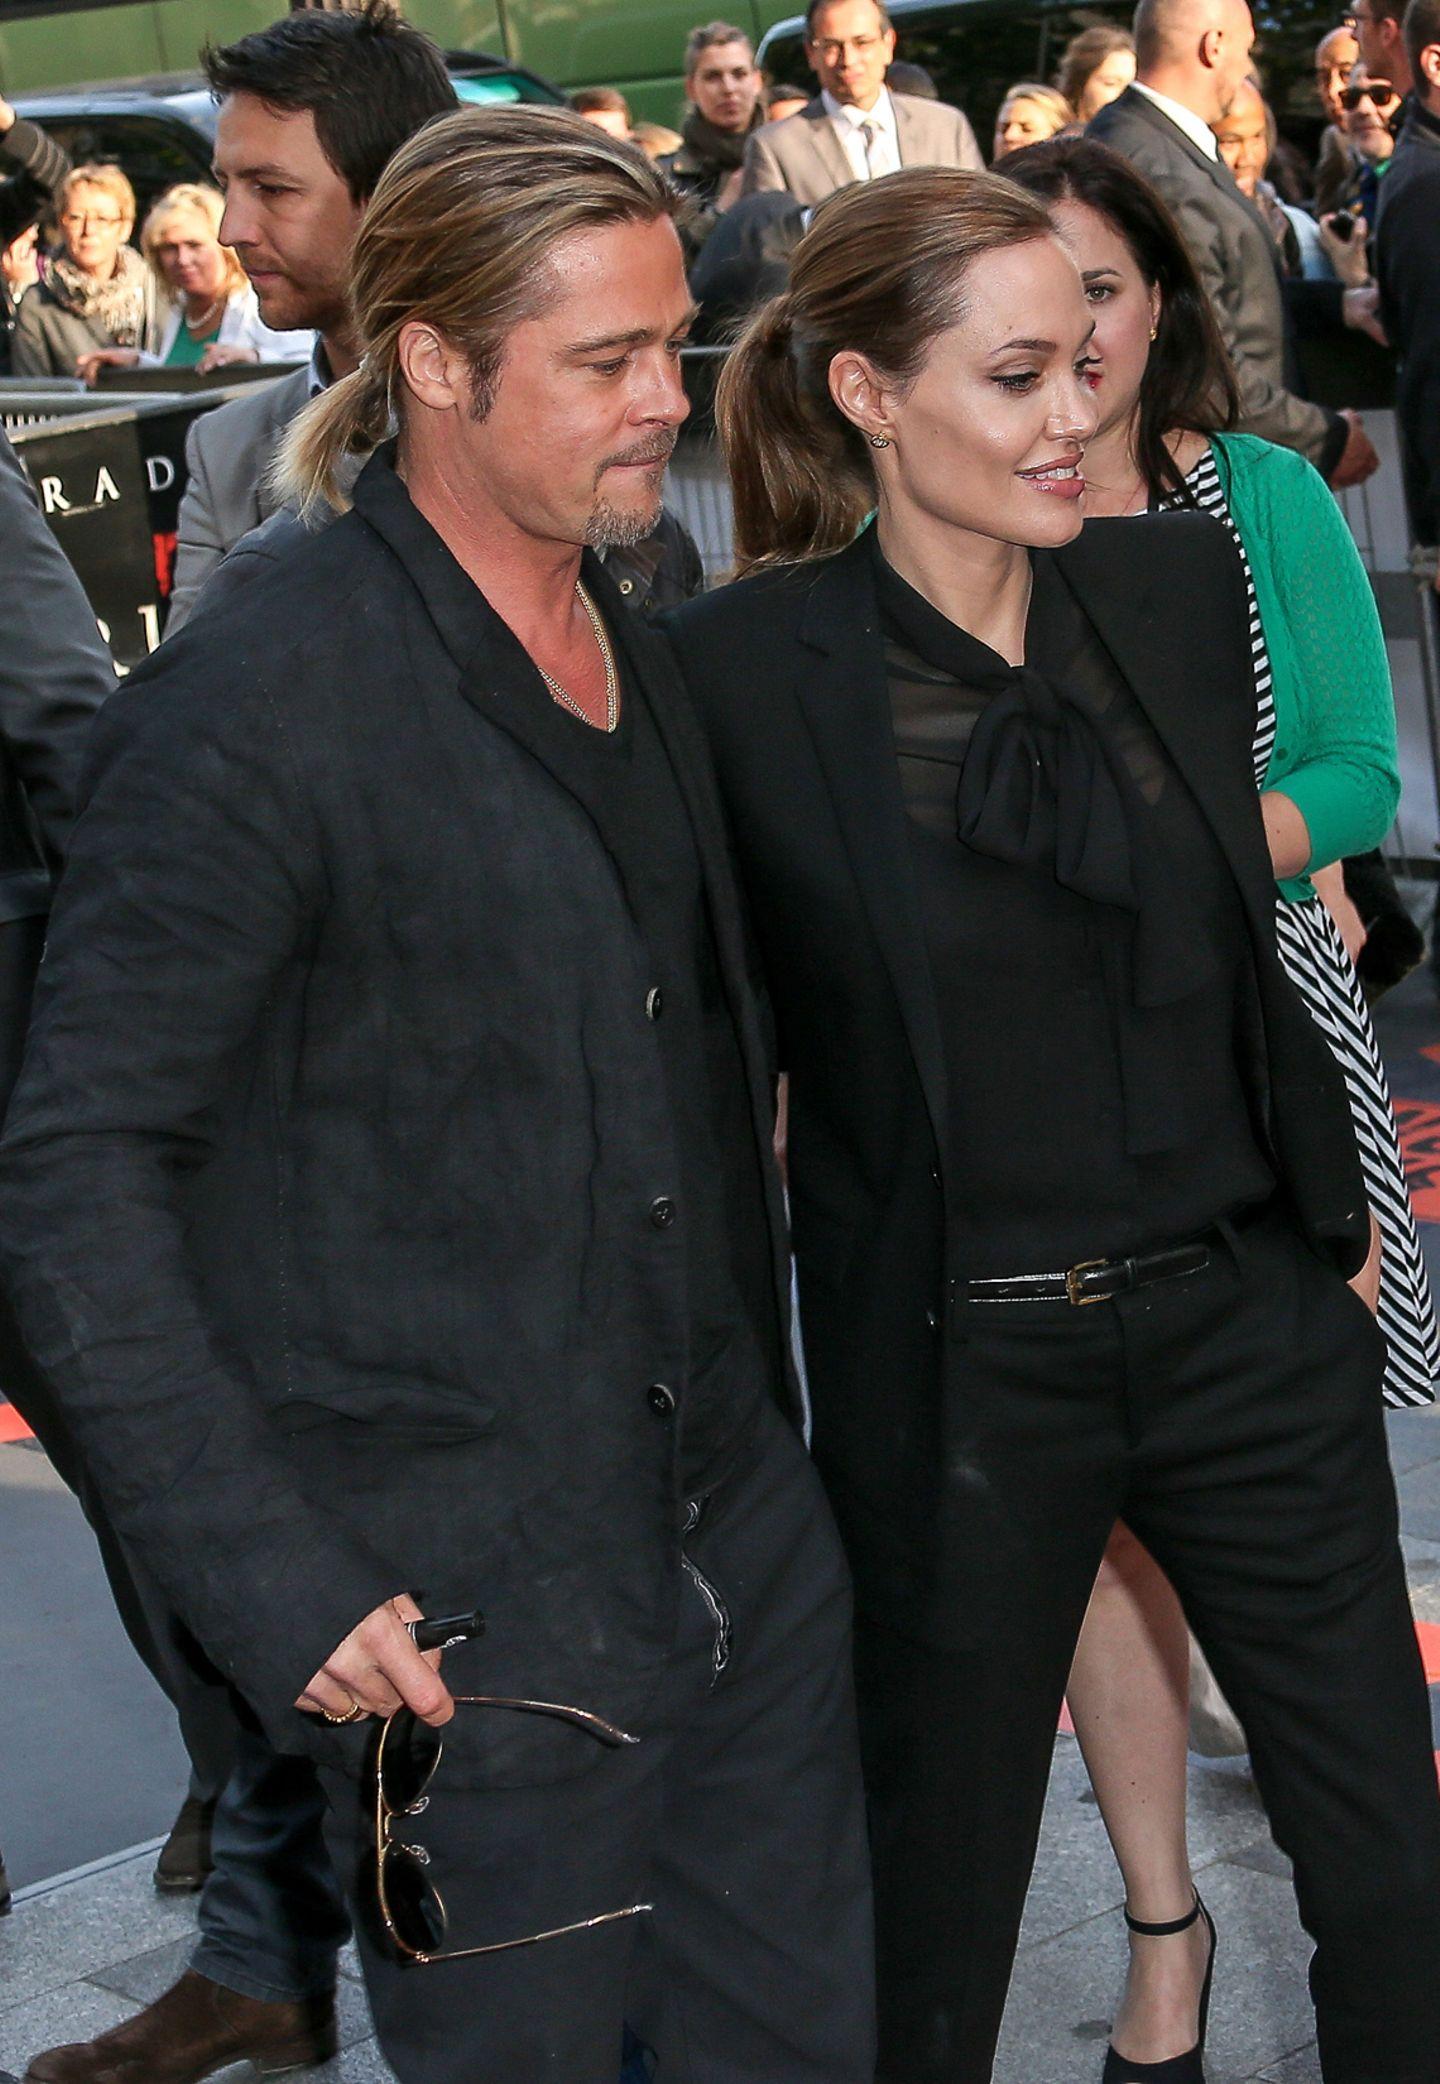 Nicht nur schwarze Anzüge scheinen Brad Pitt und Angelina Jolie zu gefallen, auch das Haarstyling der beiden sieht ziemlich abgestimmt aus.